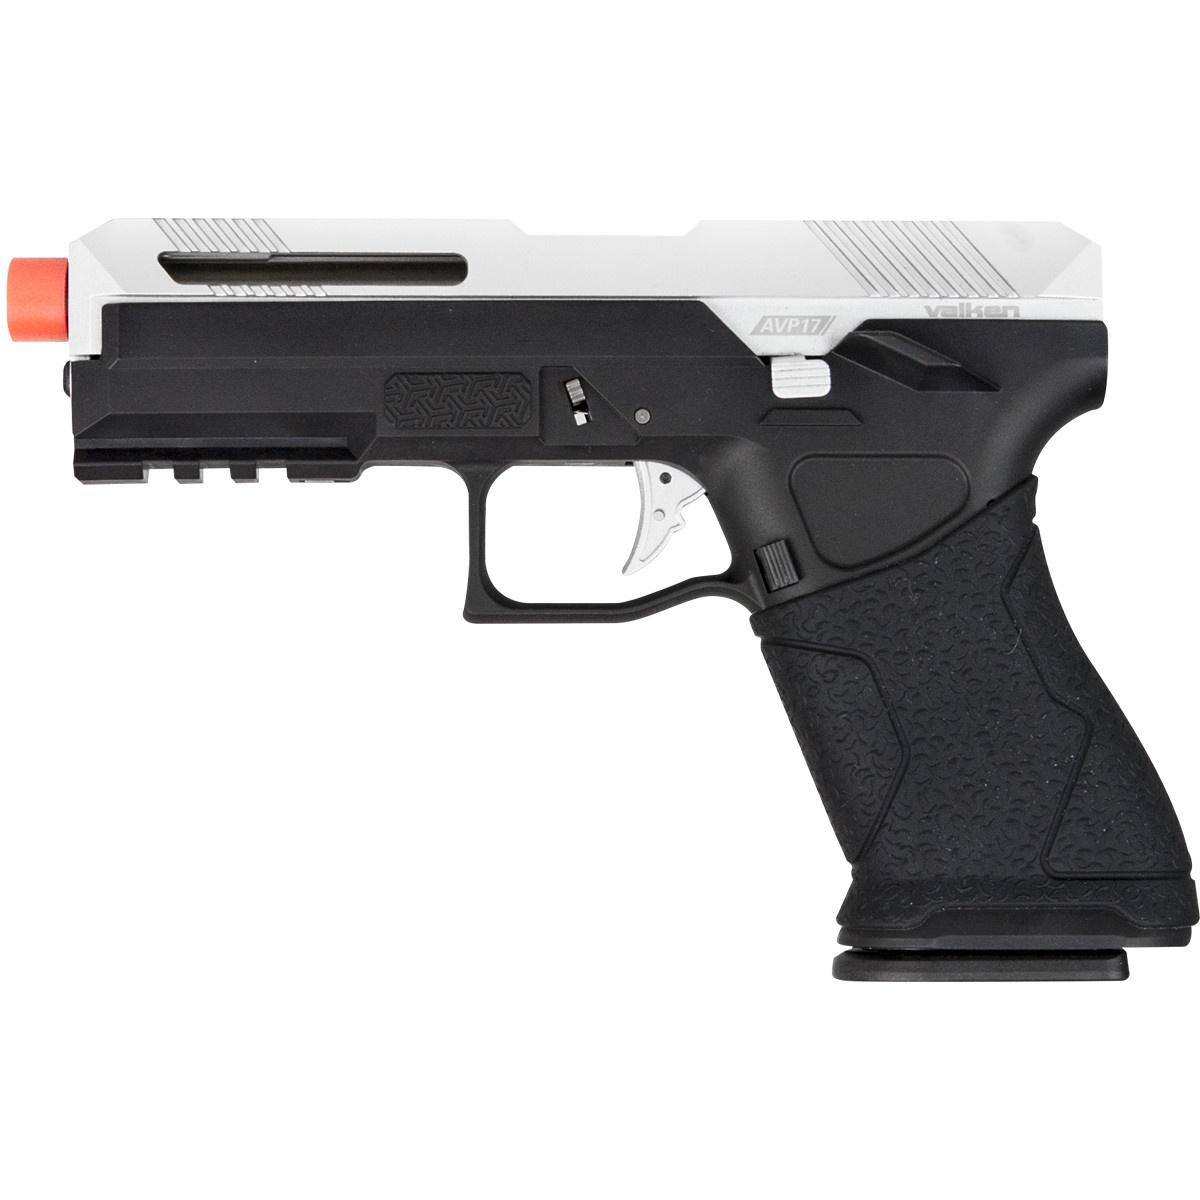 Valken Valken AVP17 Gas Blowback Pistol